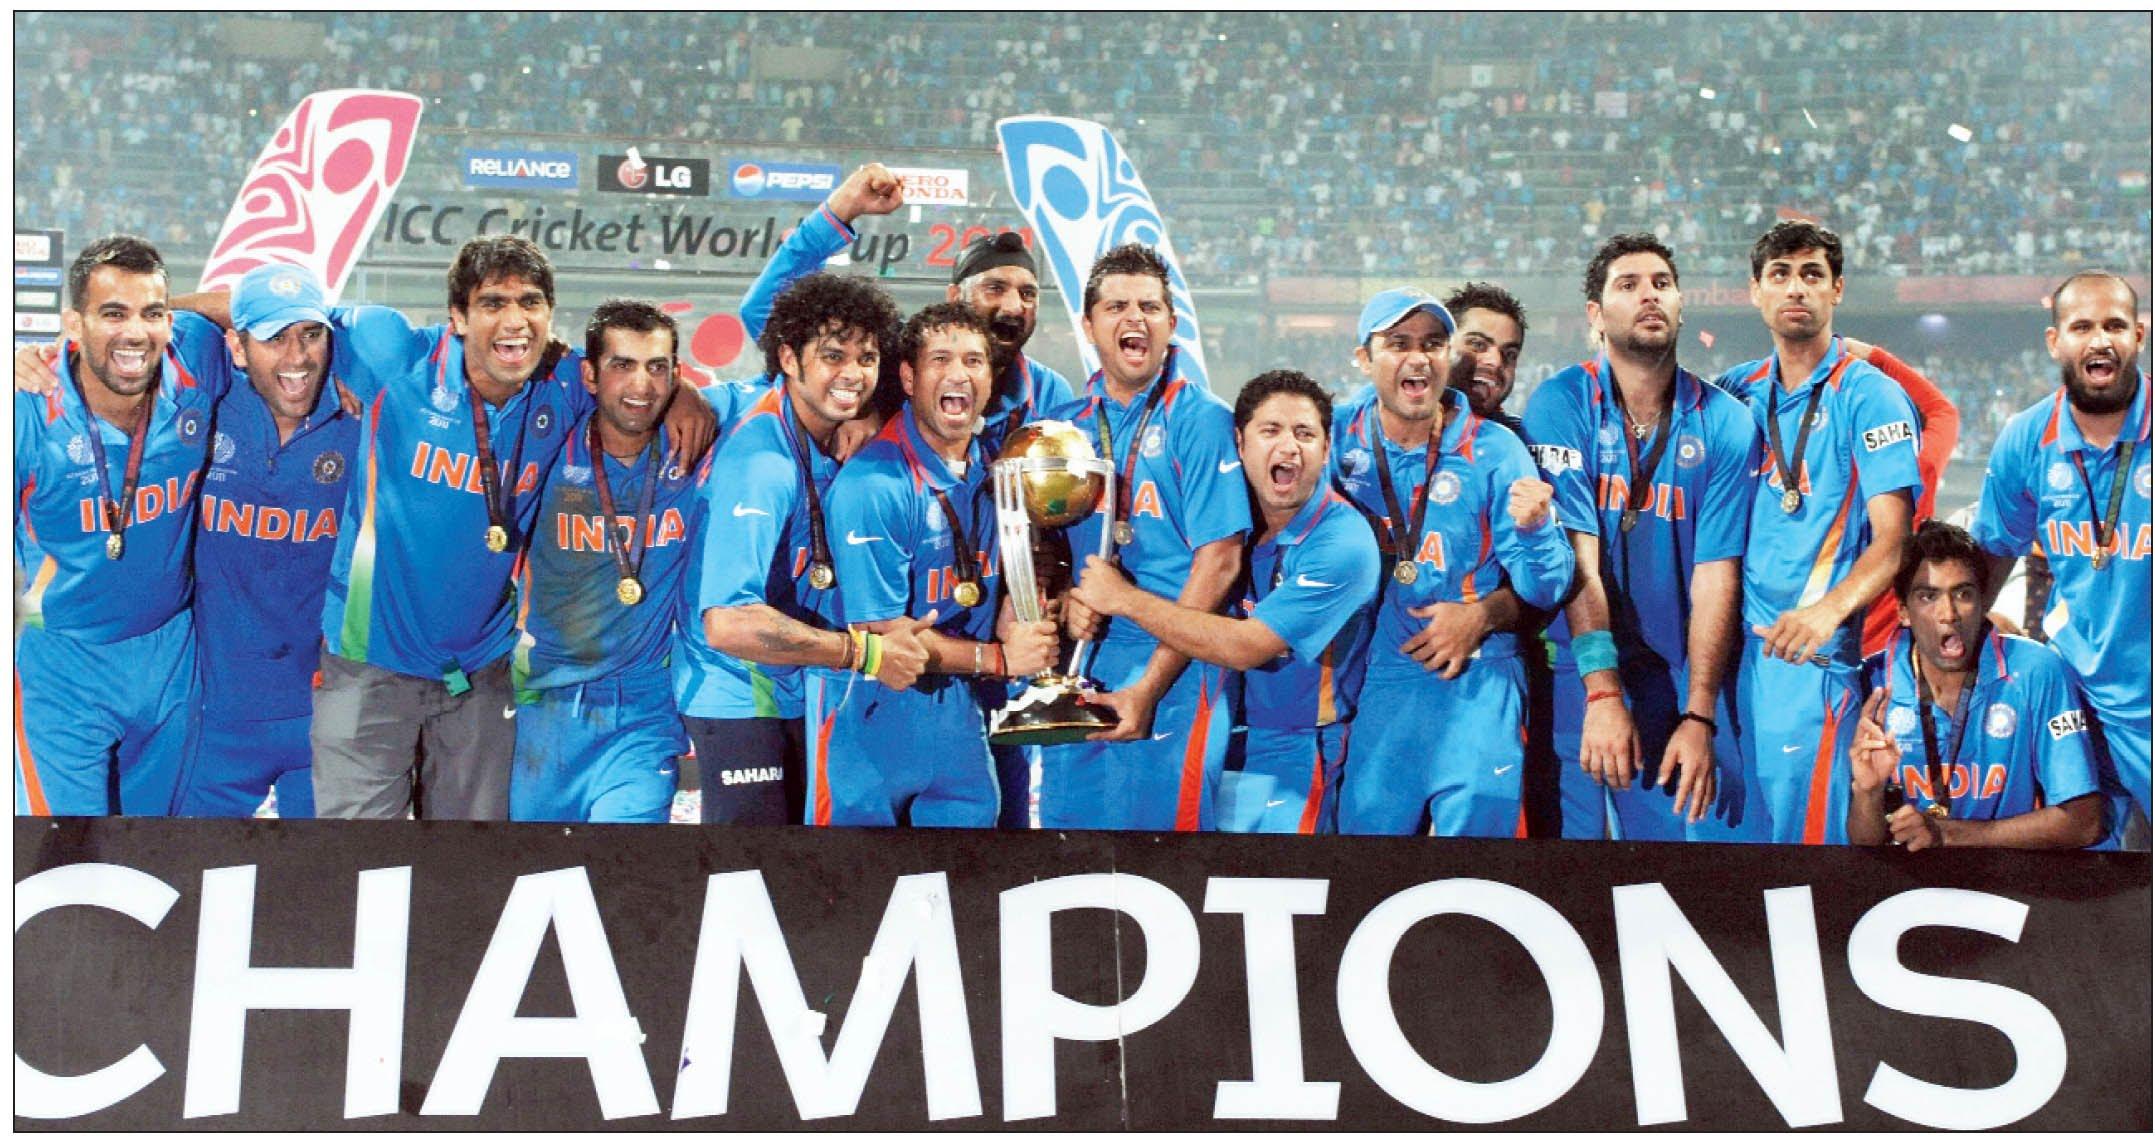 भारत संभालेगा 2023 क्रिकेट वर्ल्ड कप और 2021 ICC चैंपियंस ट्रॉफी की मेजबानी की कमान